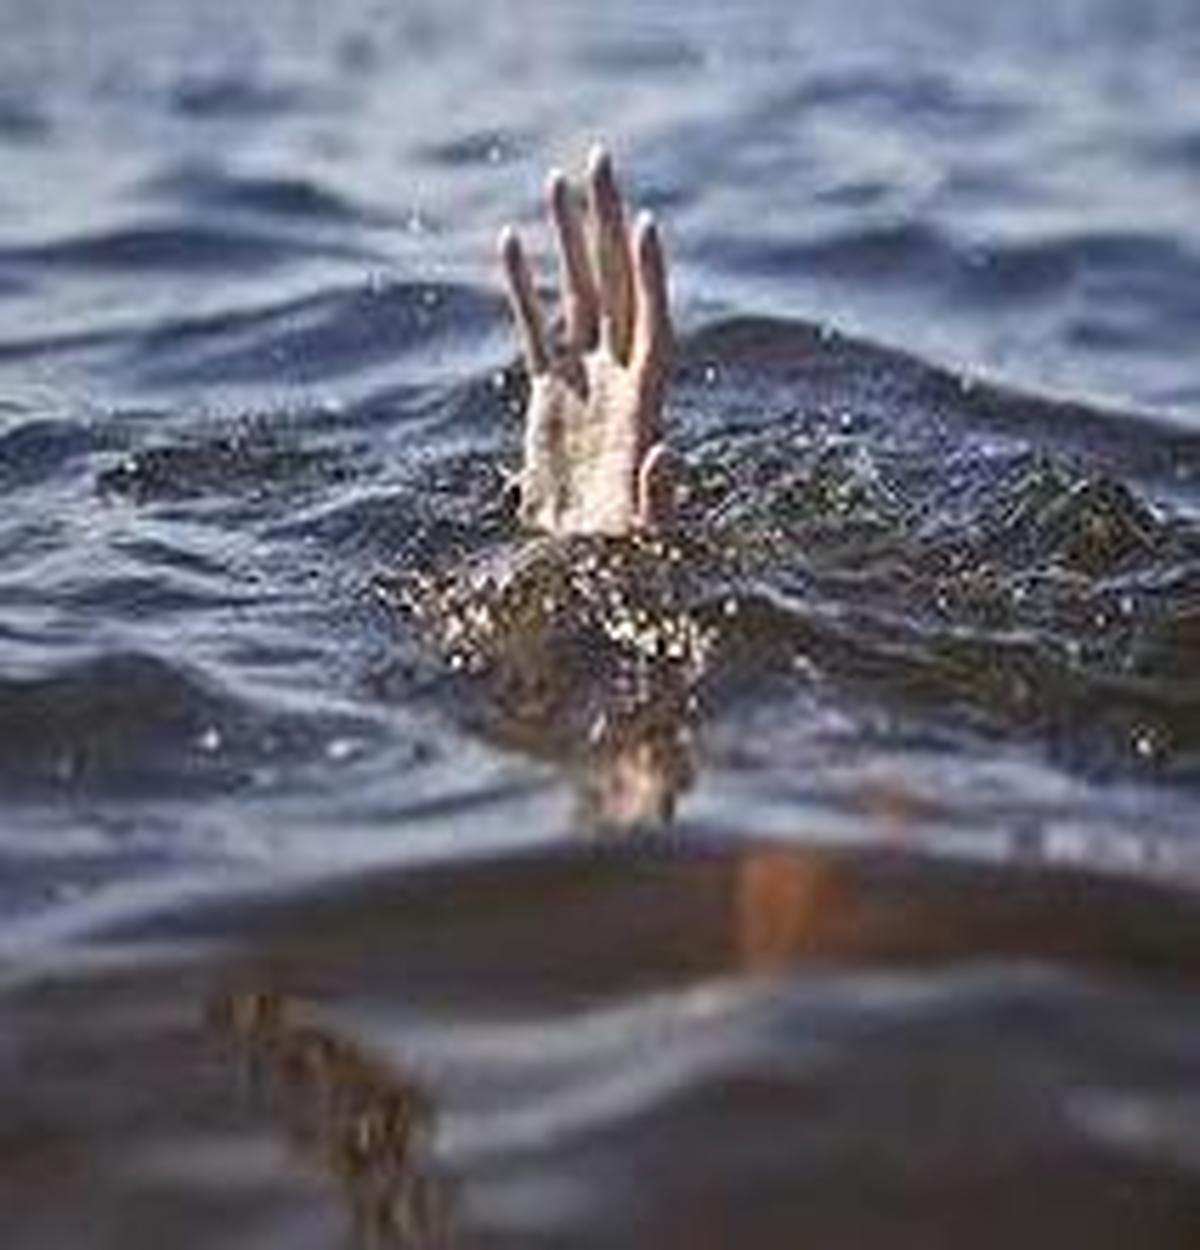 غرق شدن جوان ۲۴ ساله در رودخانه محلات